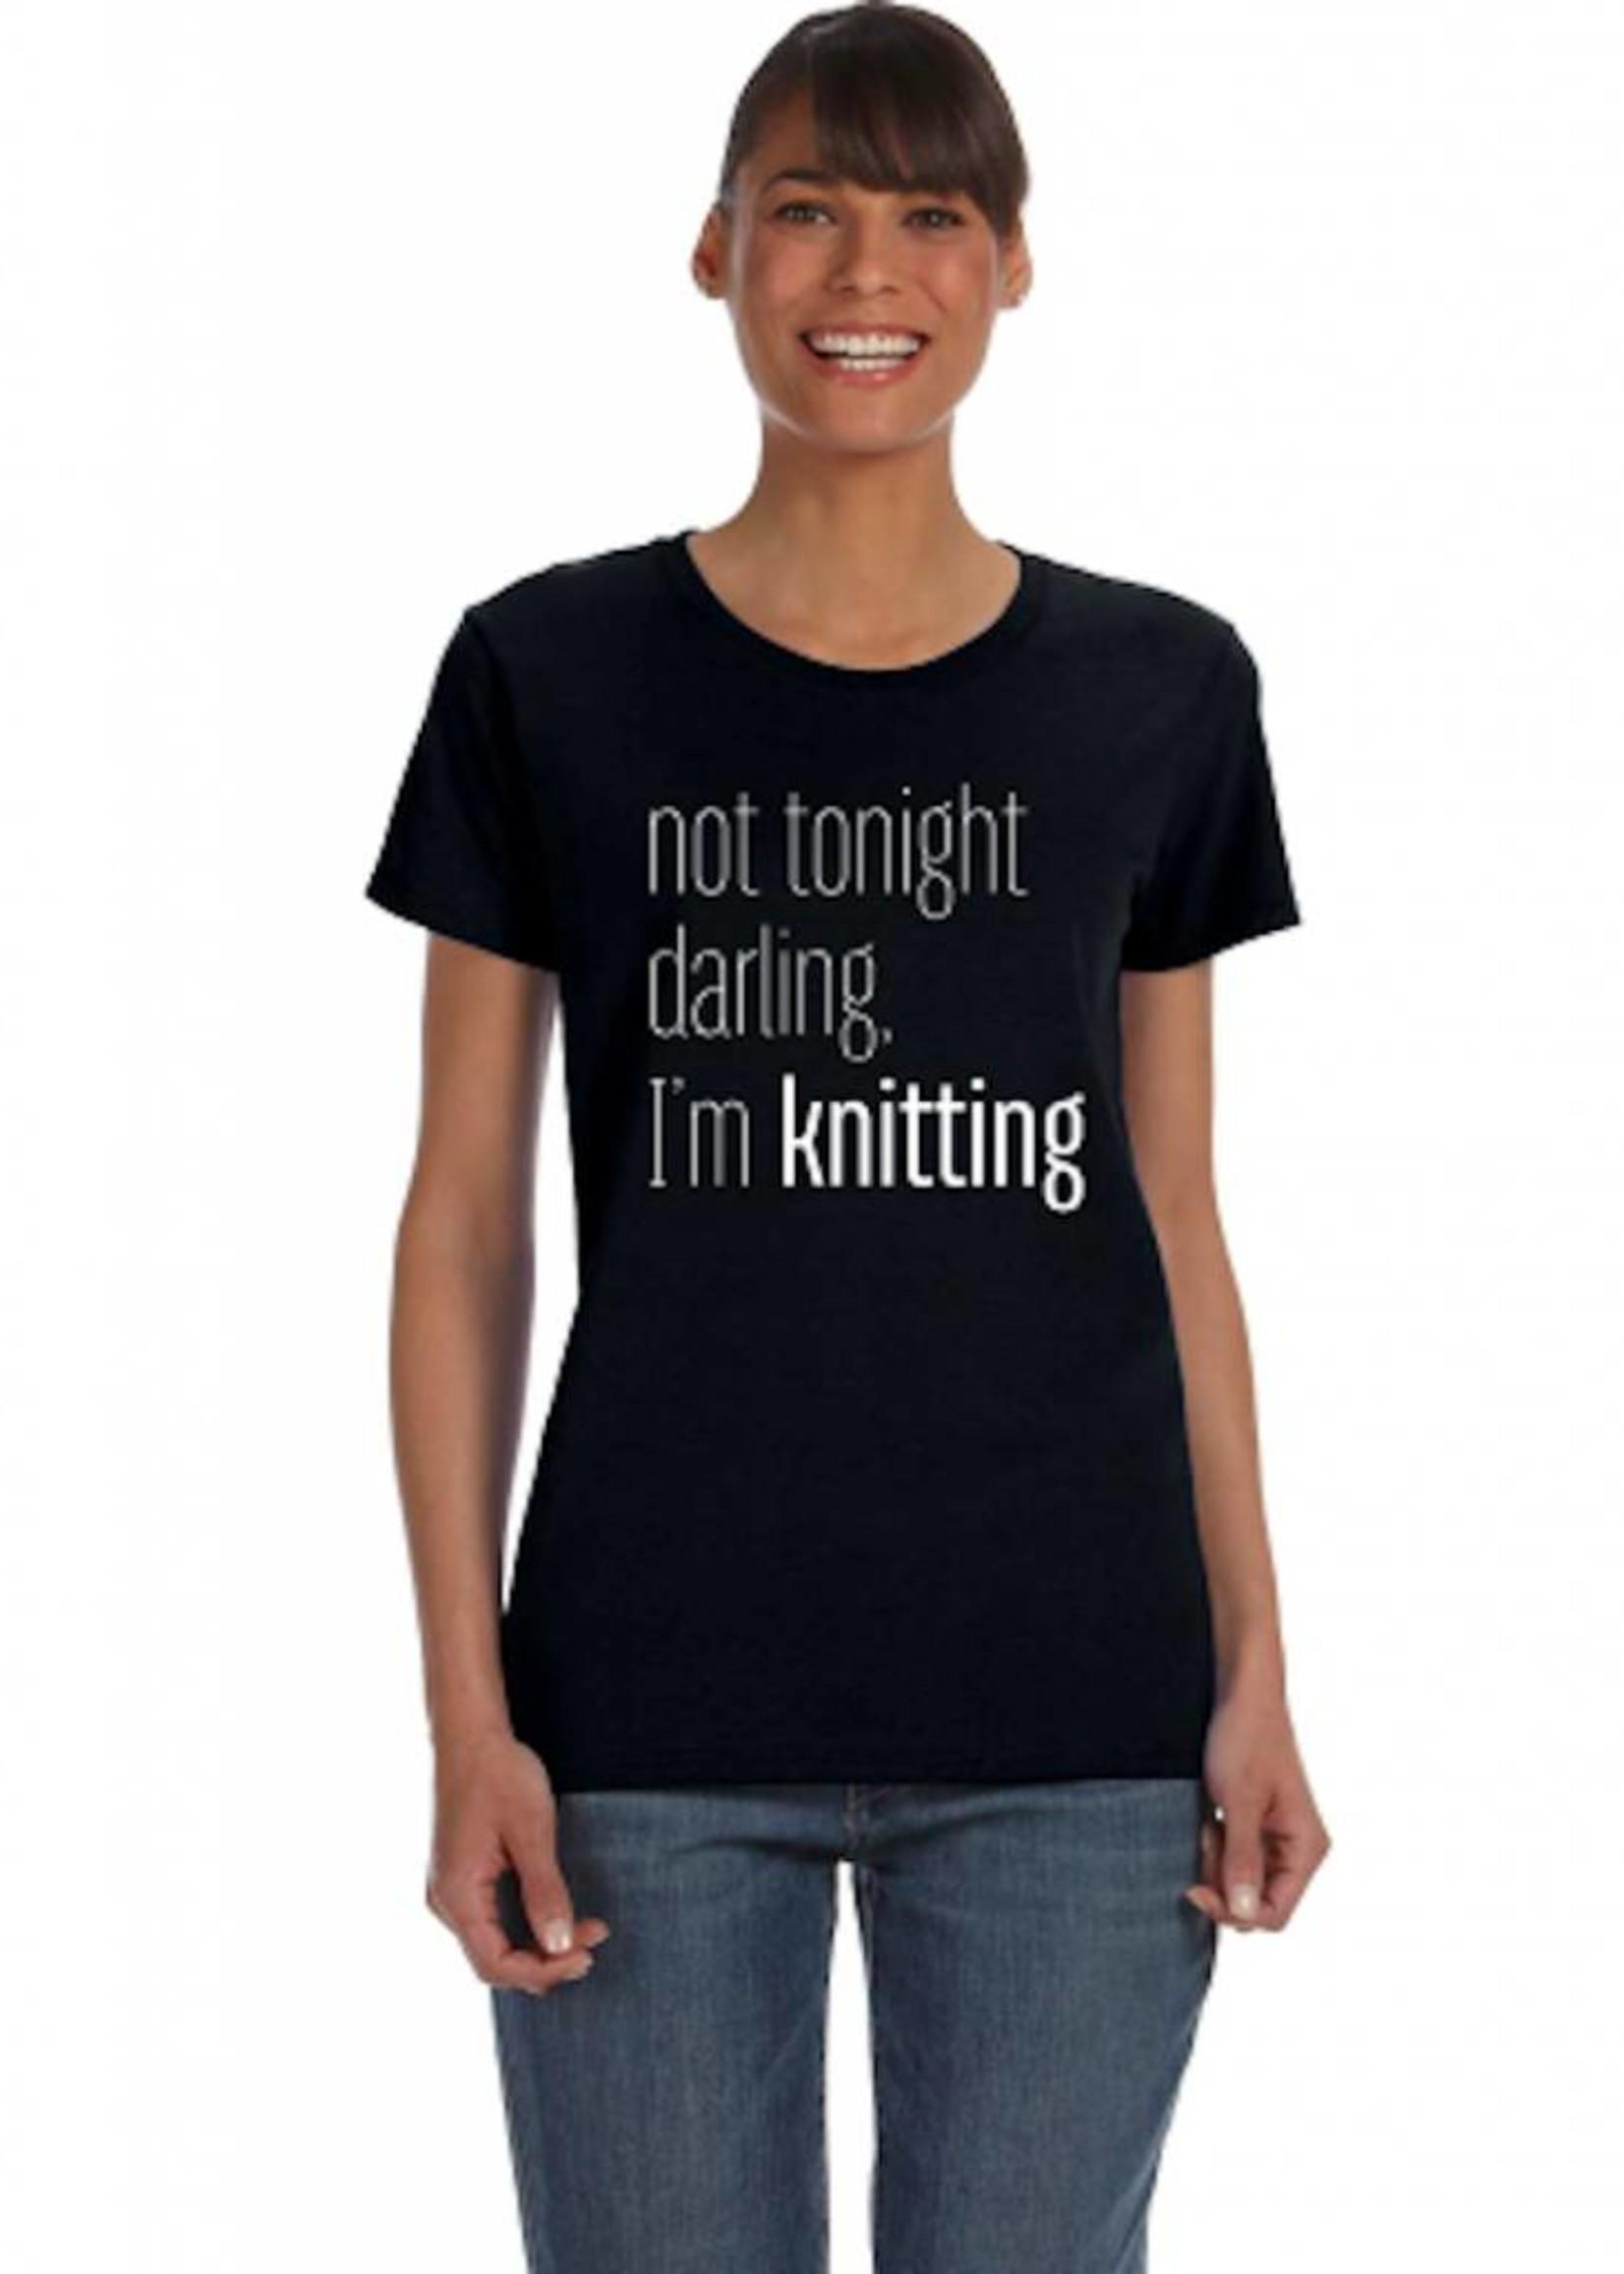 Spun Fibre Not Tonight Darling T-shirt